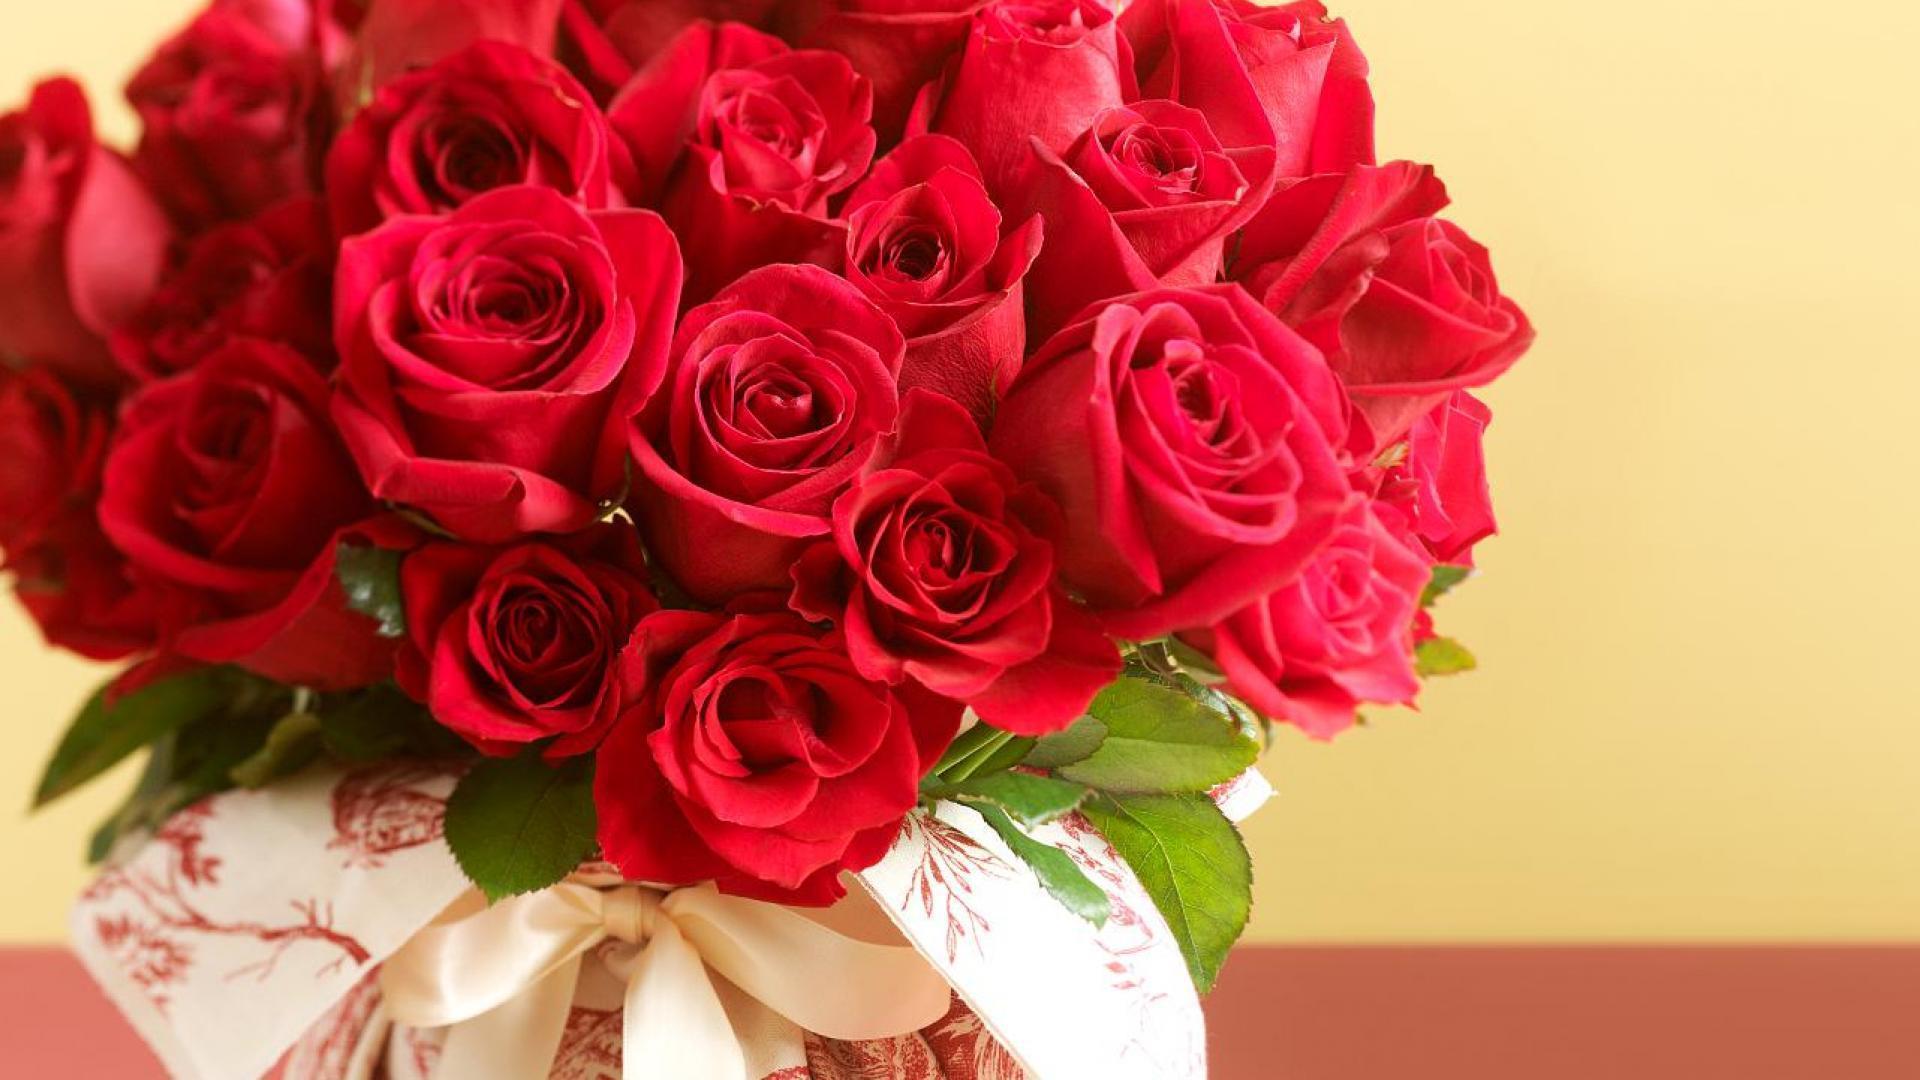 red rose desktop background - photo #24